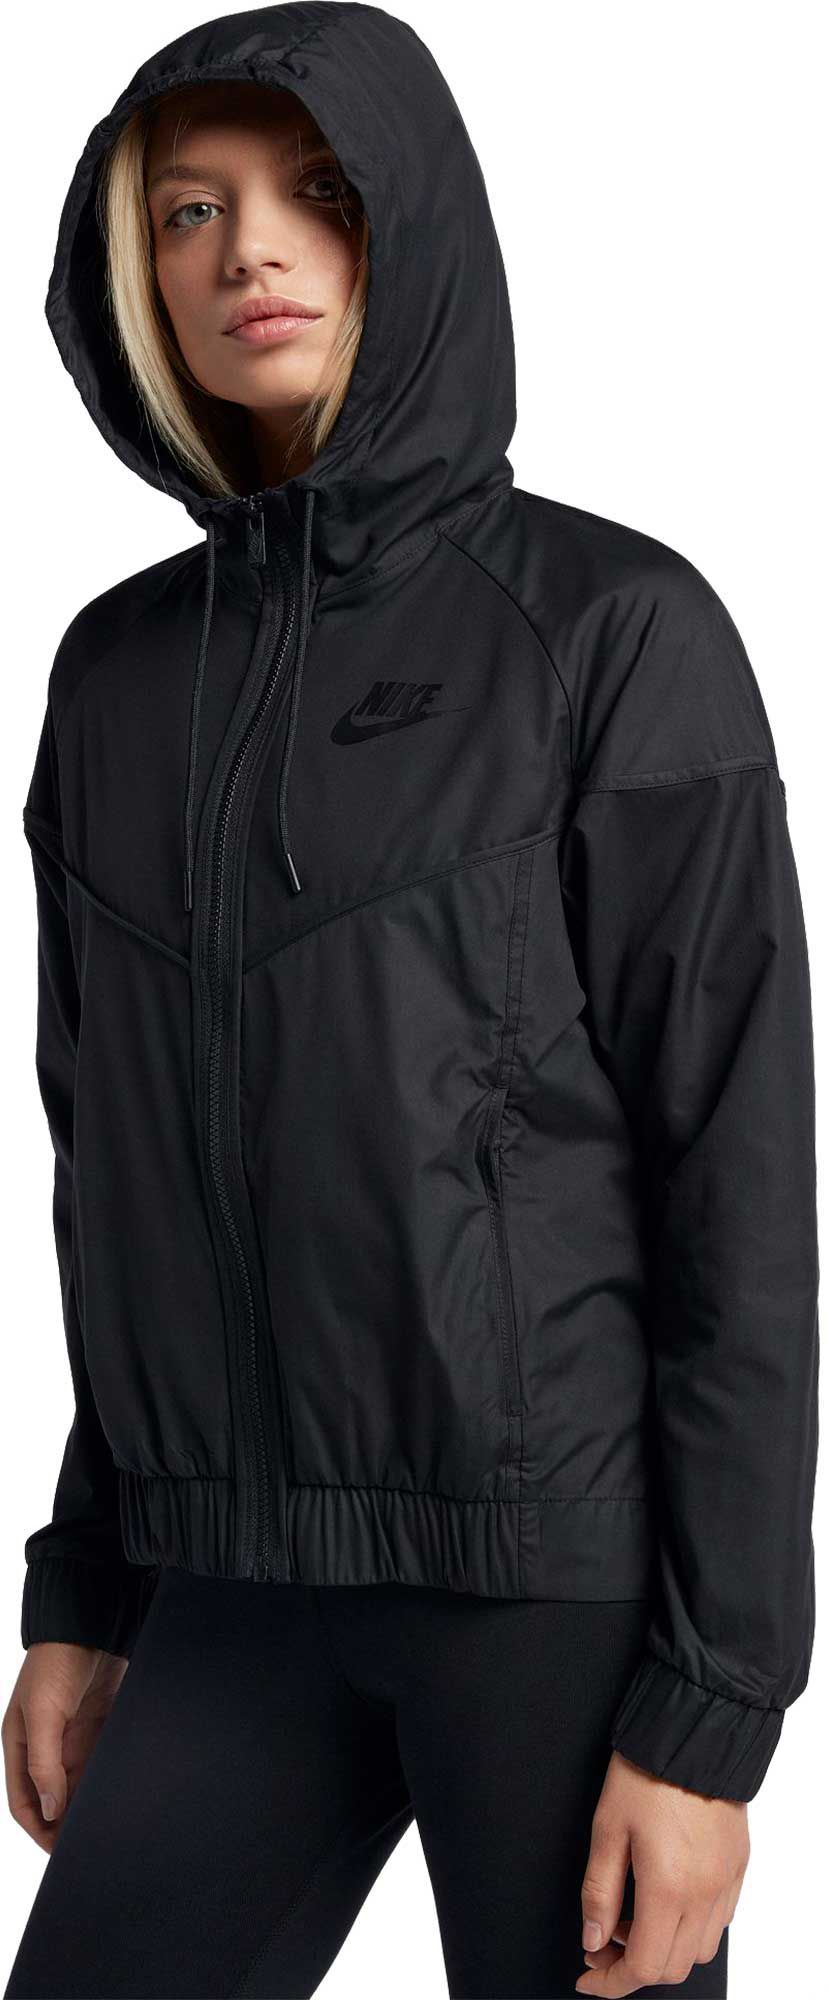 d97316c734 Nike Women s Sportswear Windrunner Jacket in 2019